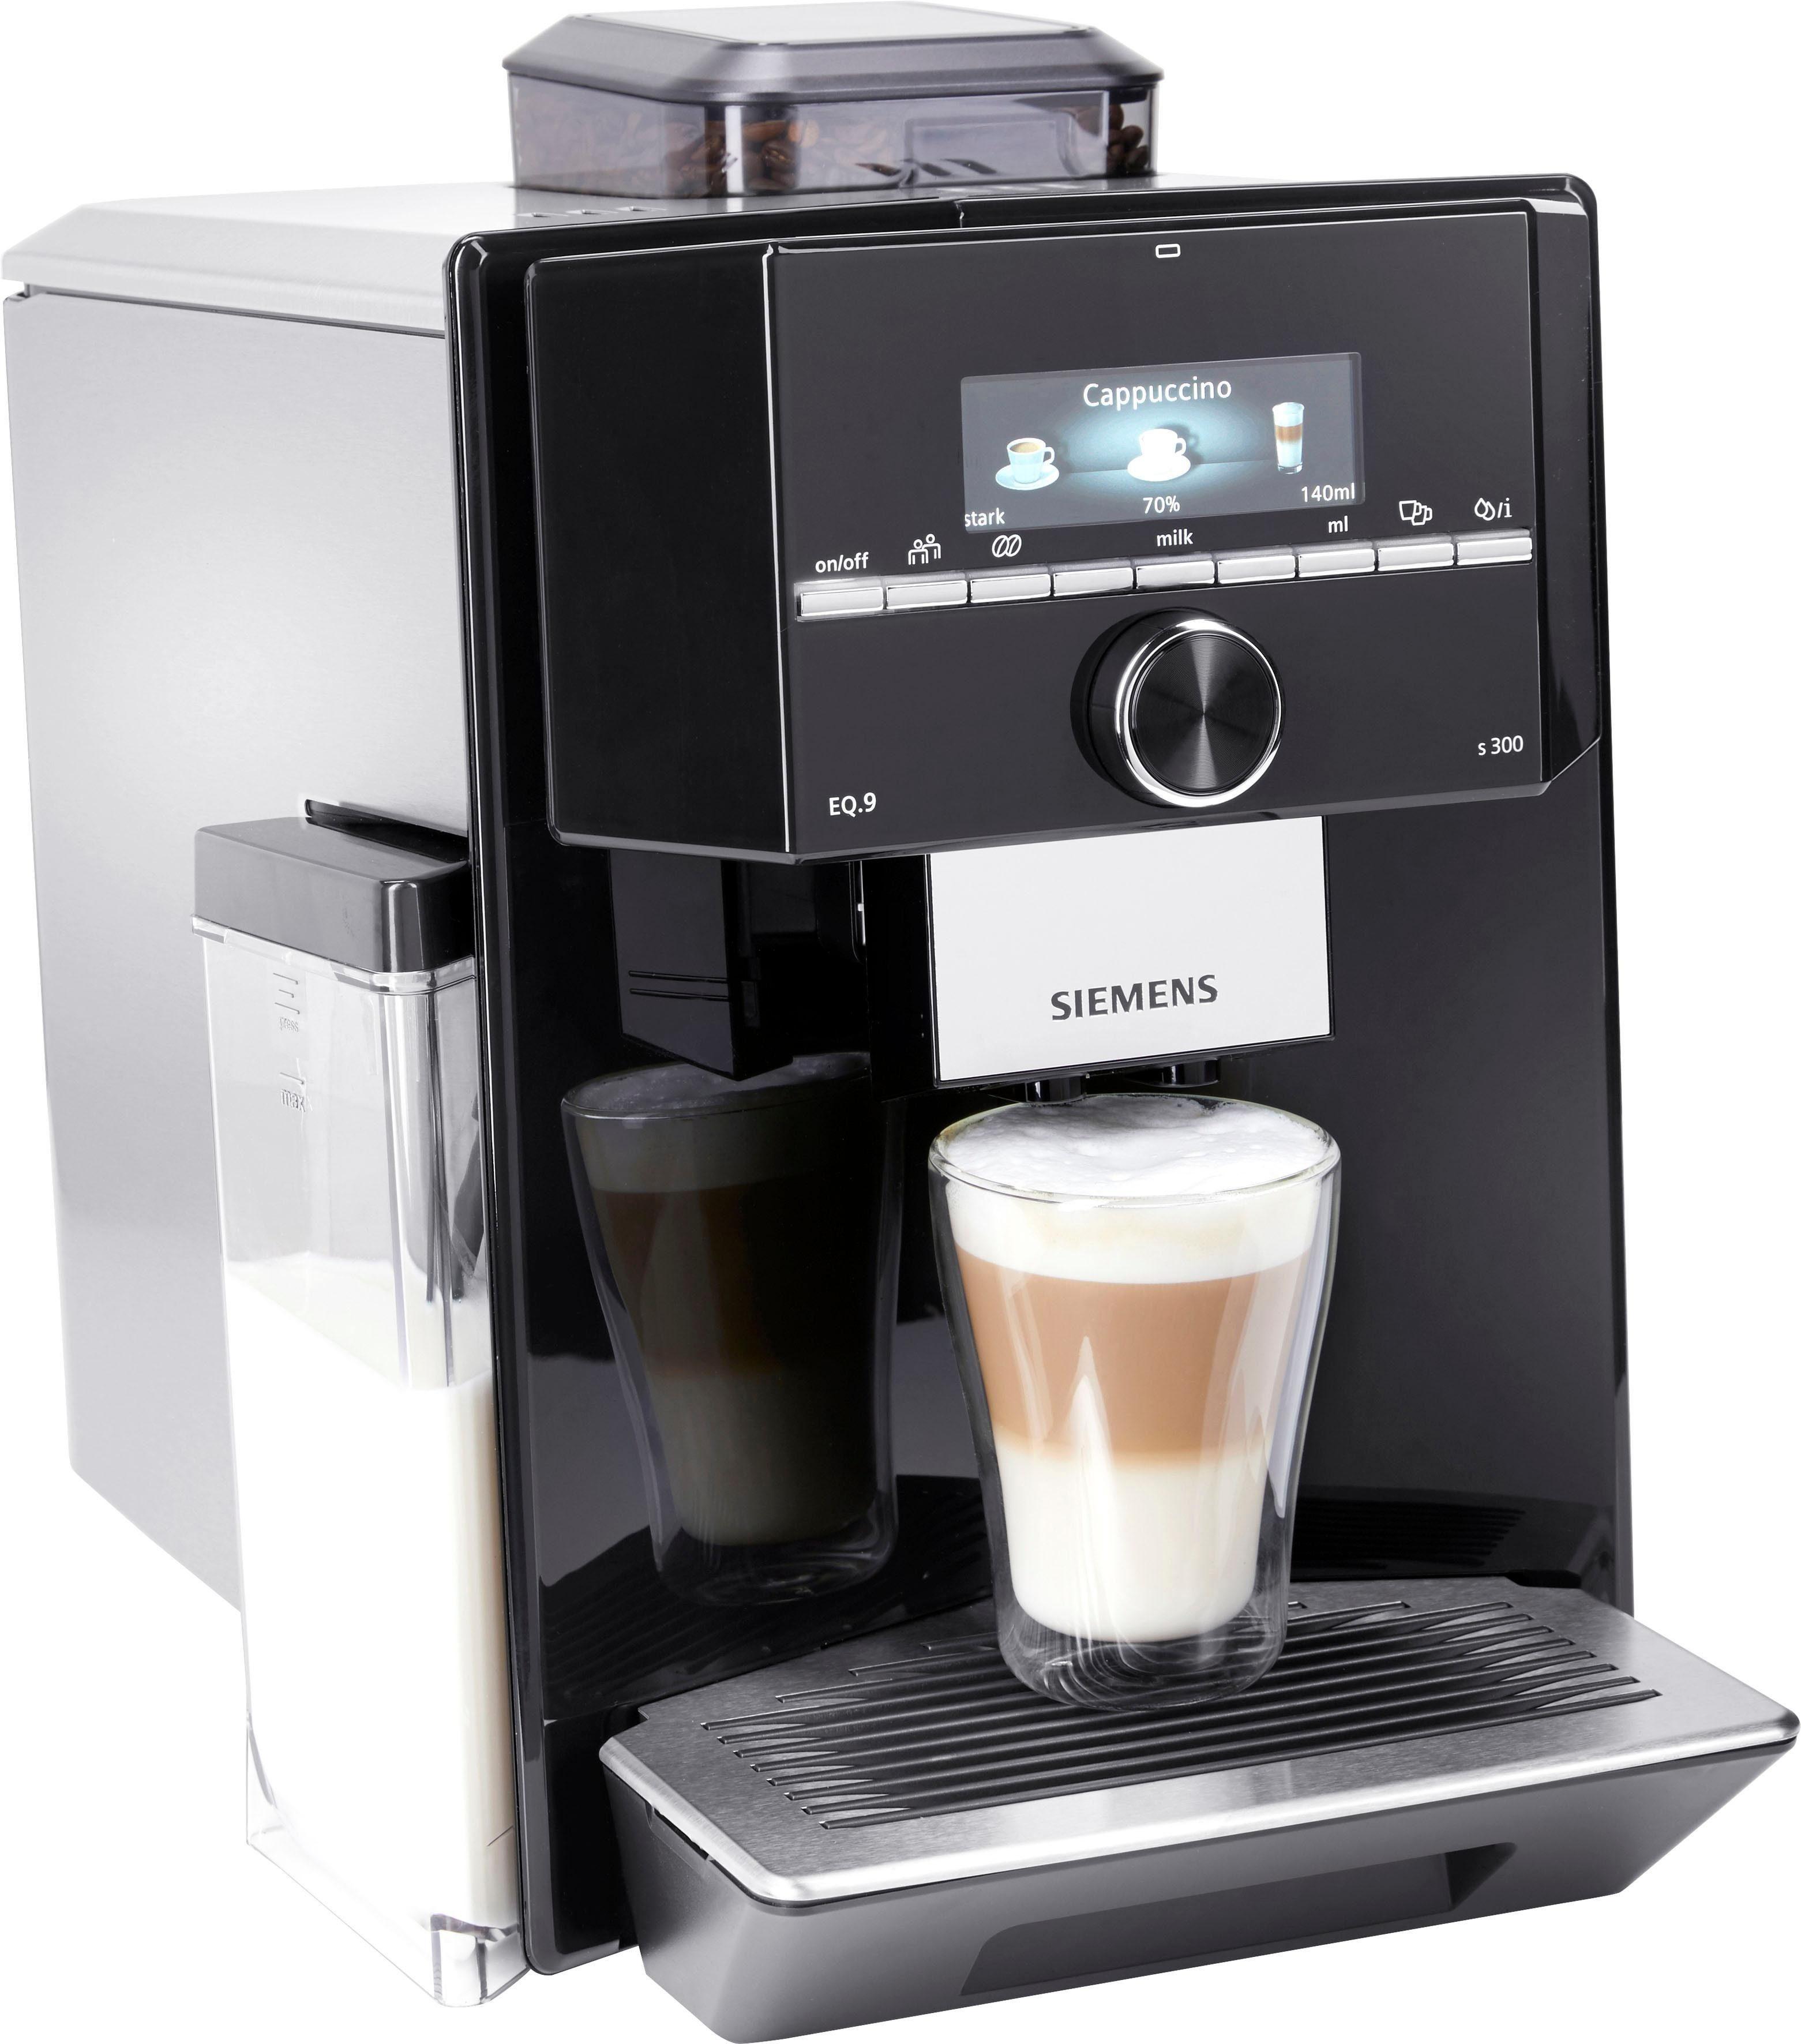 SIEMENS Kaffeevollautomat Kaffeevollautomat EQ.9 s300 TI923509DE, individualCoffee System: Persönliches Getränke-Menü für bis zu 6 Profile.